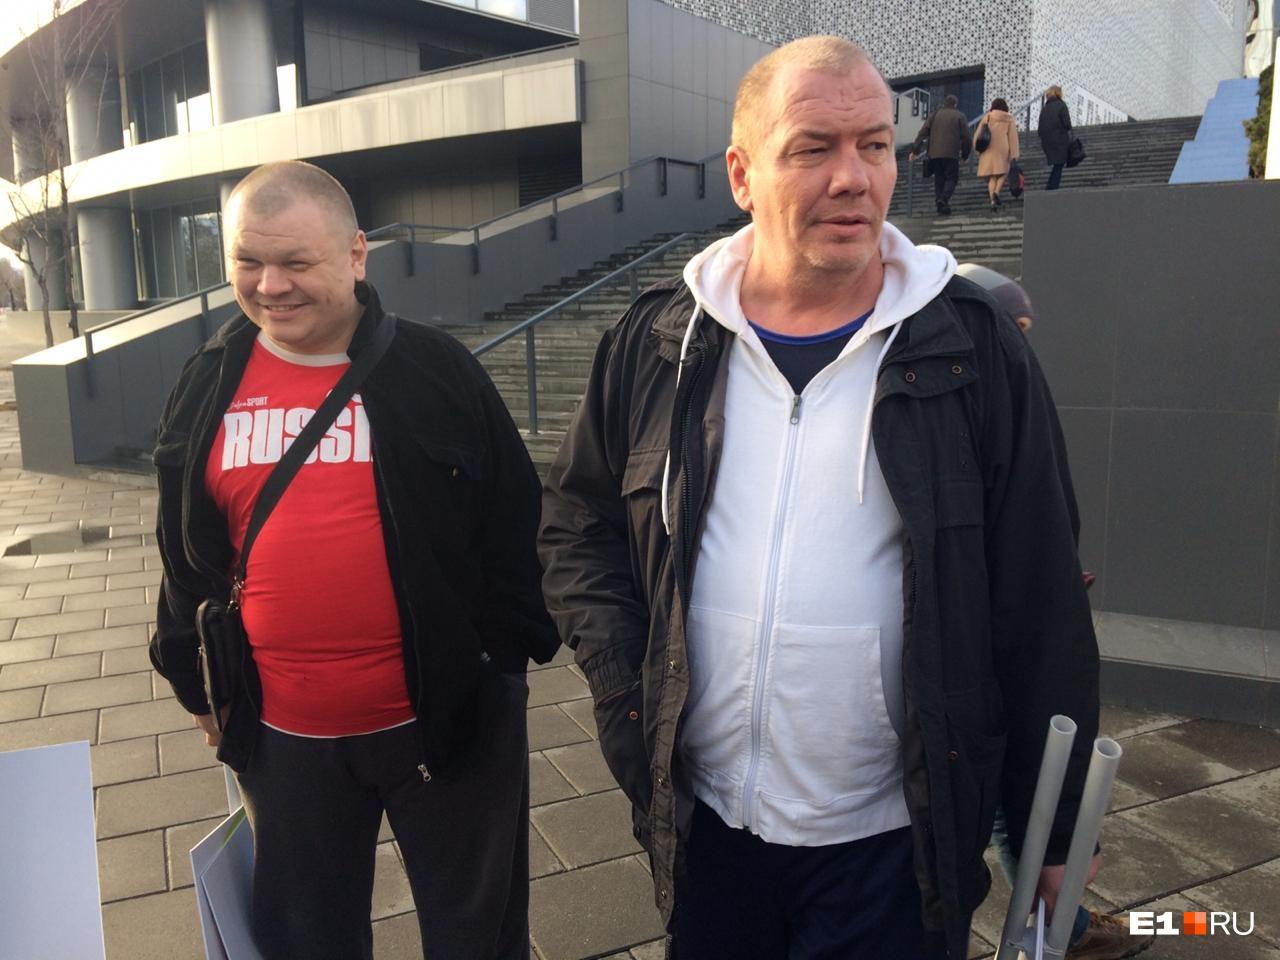 Вот еще двое активистов, выступающих против пропаганды ЛГБТ